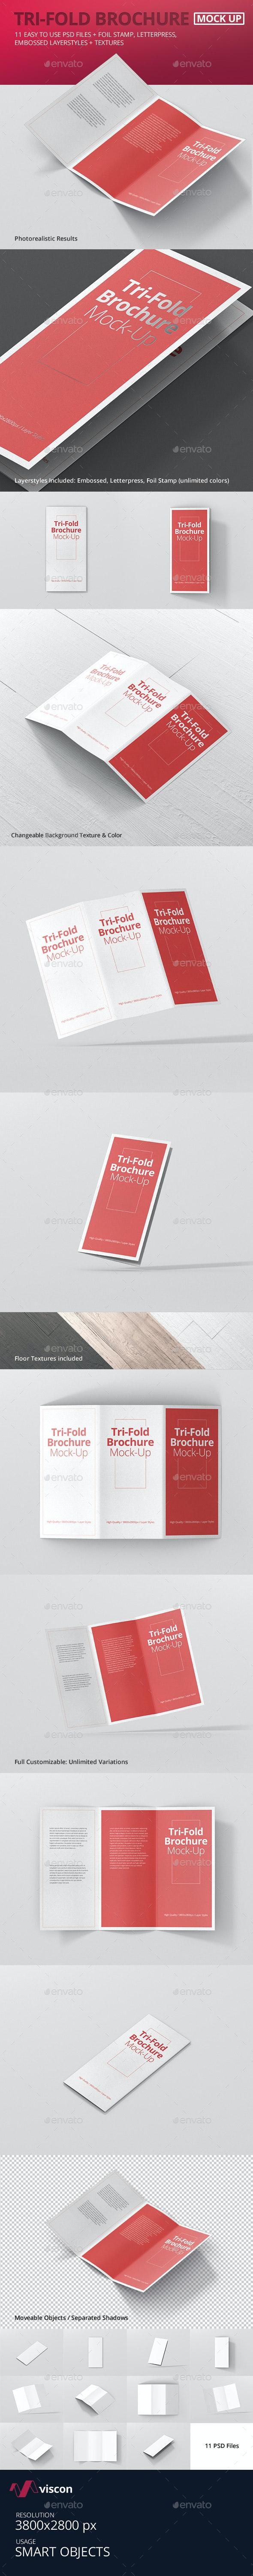 DL Tri-Fold Brochure Mock-Up - Brochures Print